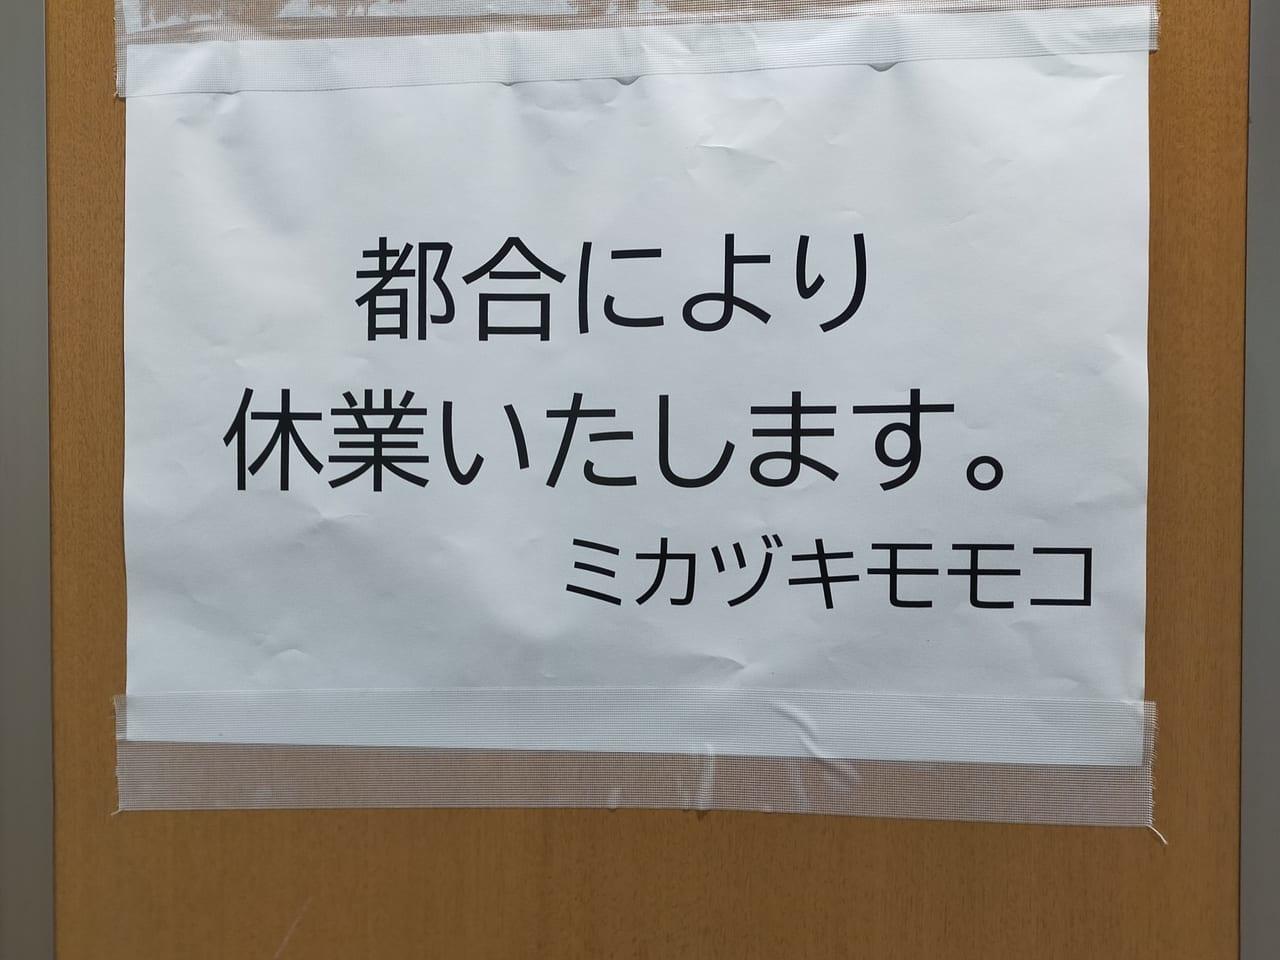 倒産した「ミカヅキモモコ」の一部店舗を「shoichi」が一部の店舗の事業譲受を発表。「ミカヅキモモコ ラスカ平塚店」は休業のお知らせ。今後リニューアルオープンはあるのでしょうか?